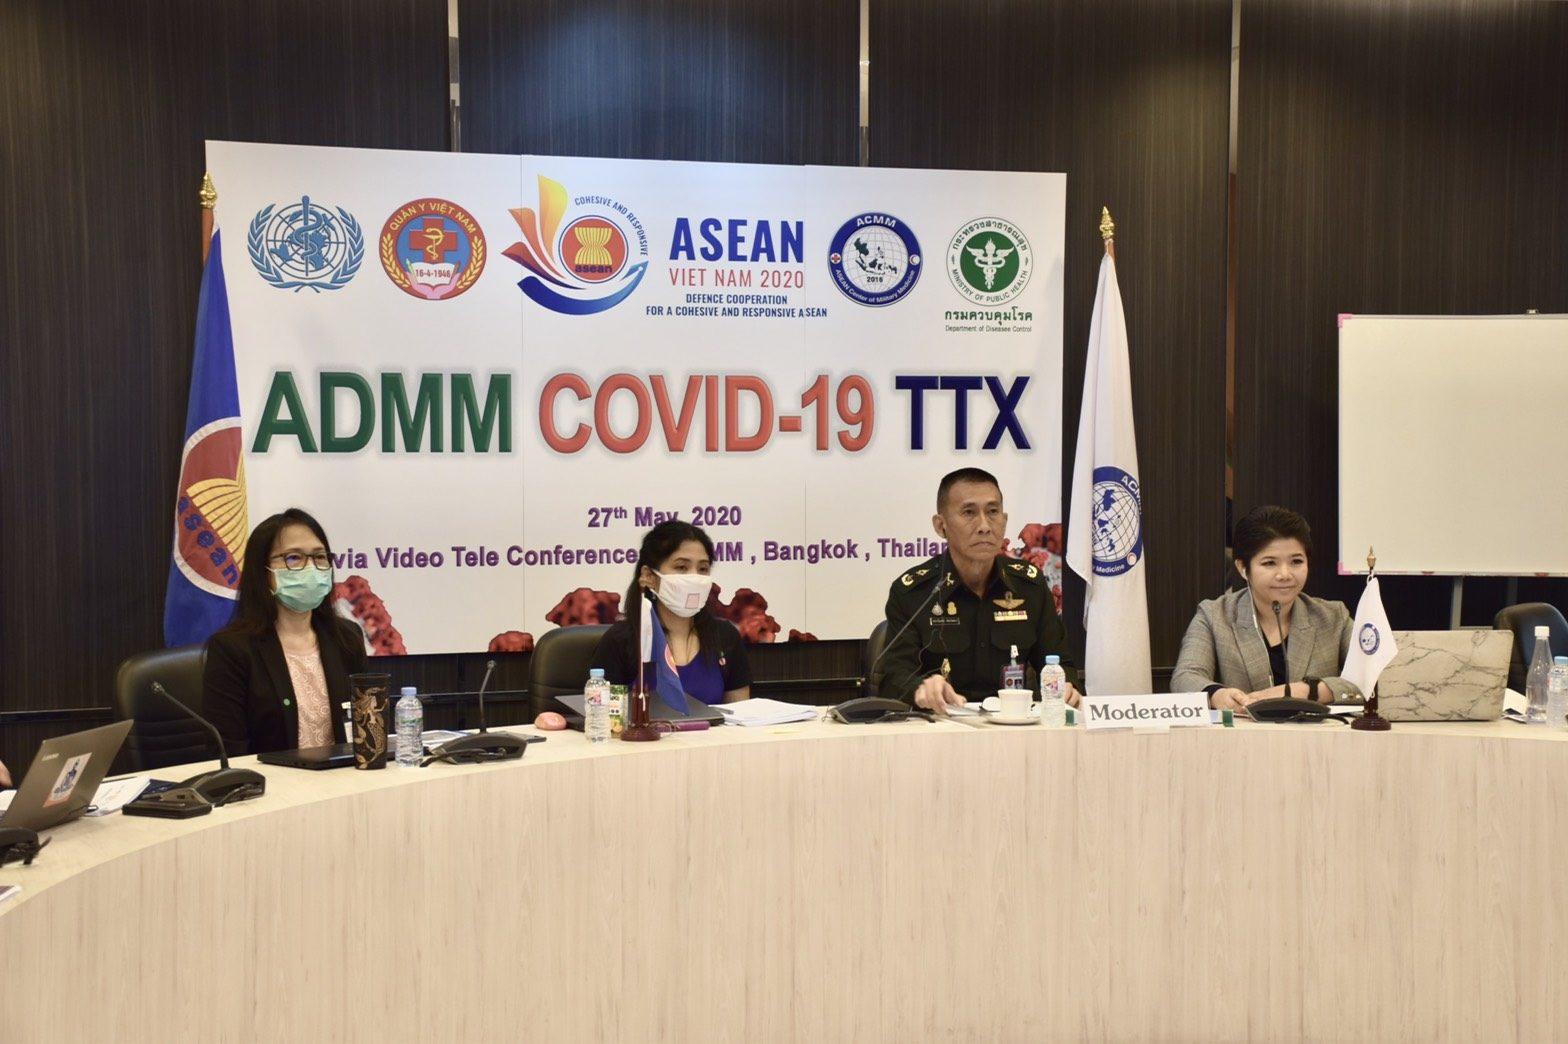 'ศูนย์แพทย์ทหารอาเซียน' จัดประชุมป้องกันโควิด-19